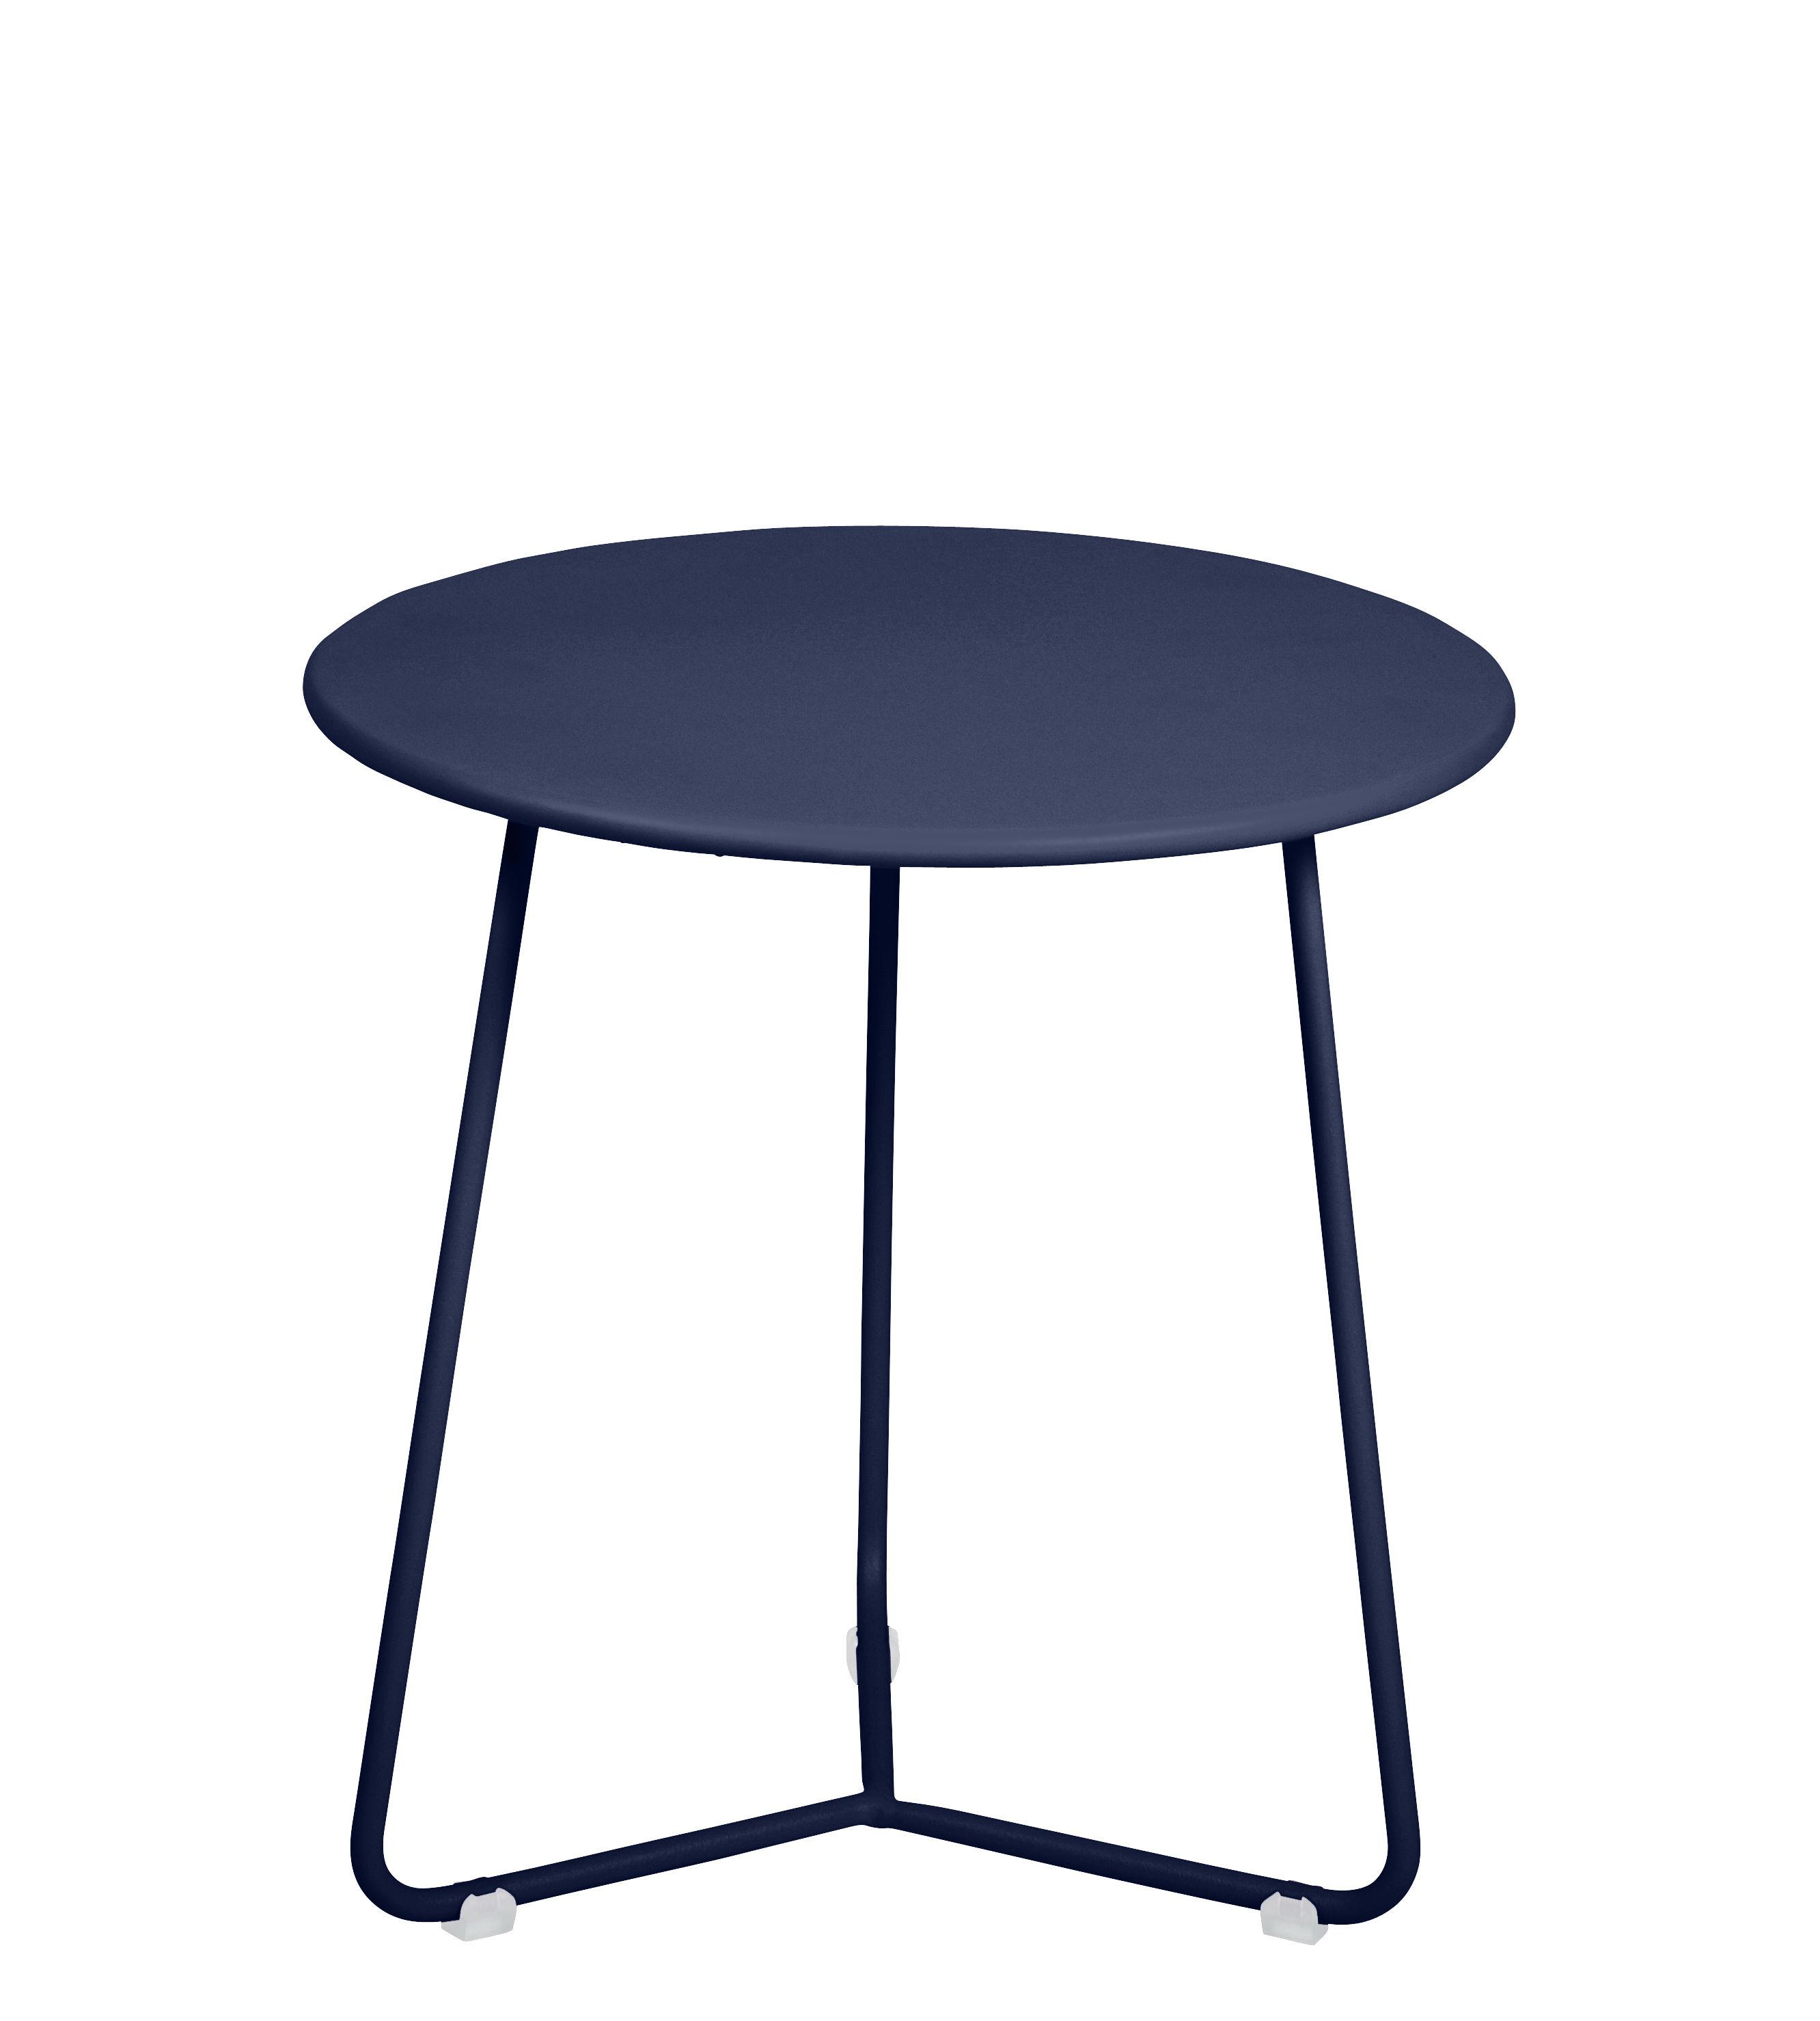 Arredamento - Tavolini  - Tavolino d'appoggio Cocotte - / Sgabello - Ø 34 x H 36 cm di Fermob - Blu abisso - Acciaio verniciato